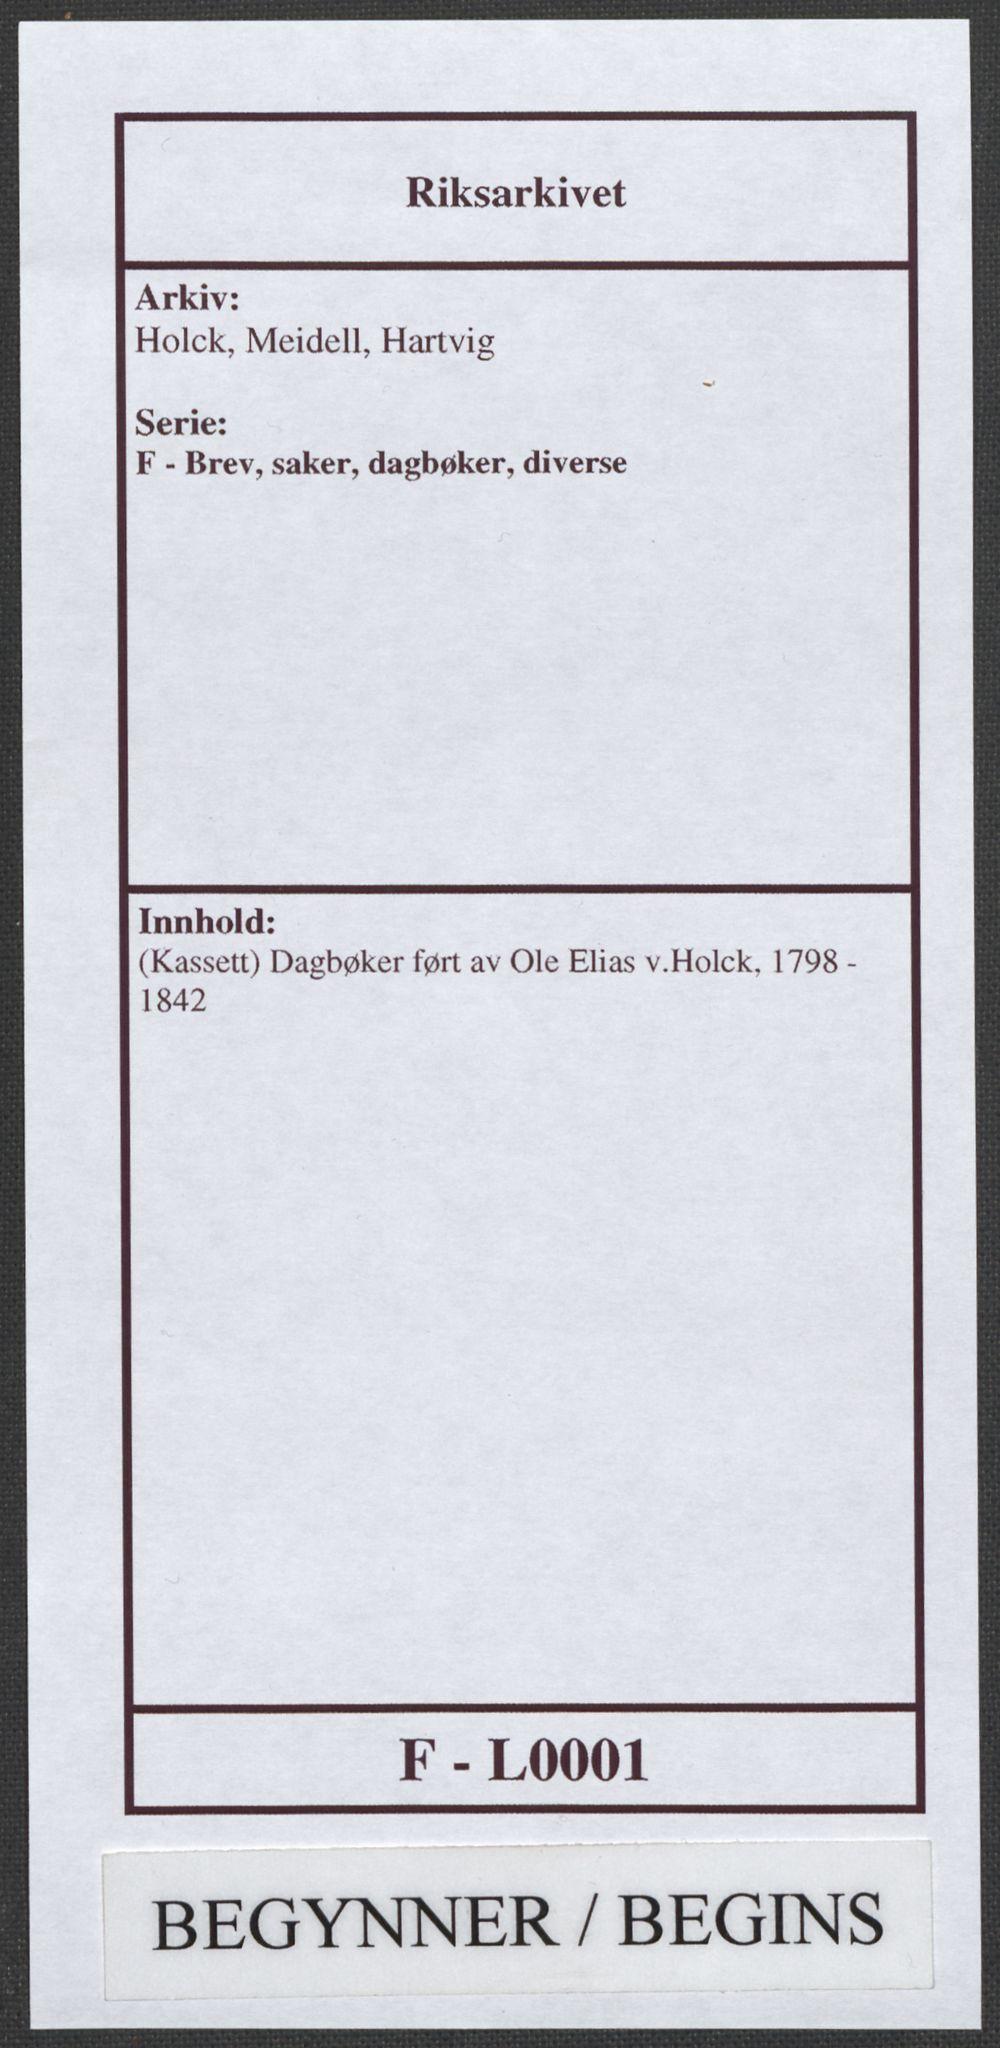 RA, Holck, Meidell, Hartvig, F/L0001: (Kassett) Dagbøker ført av Ole Elias v.Holck, 1798-1842, s. 1